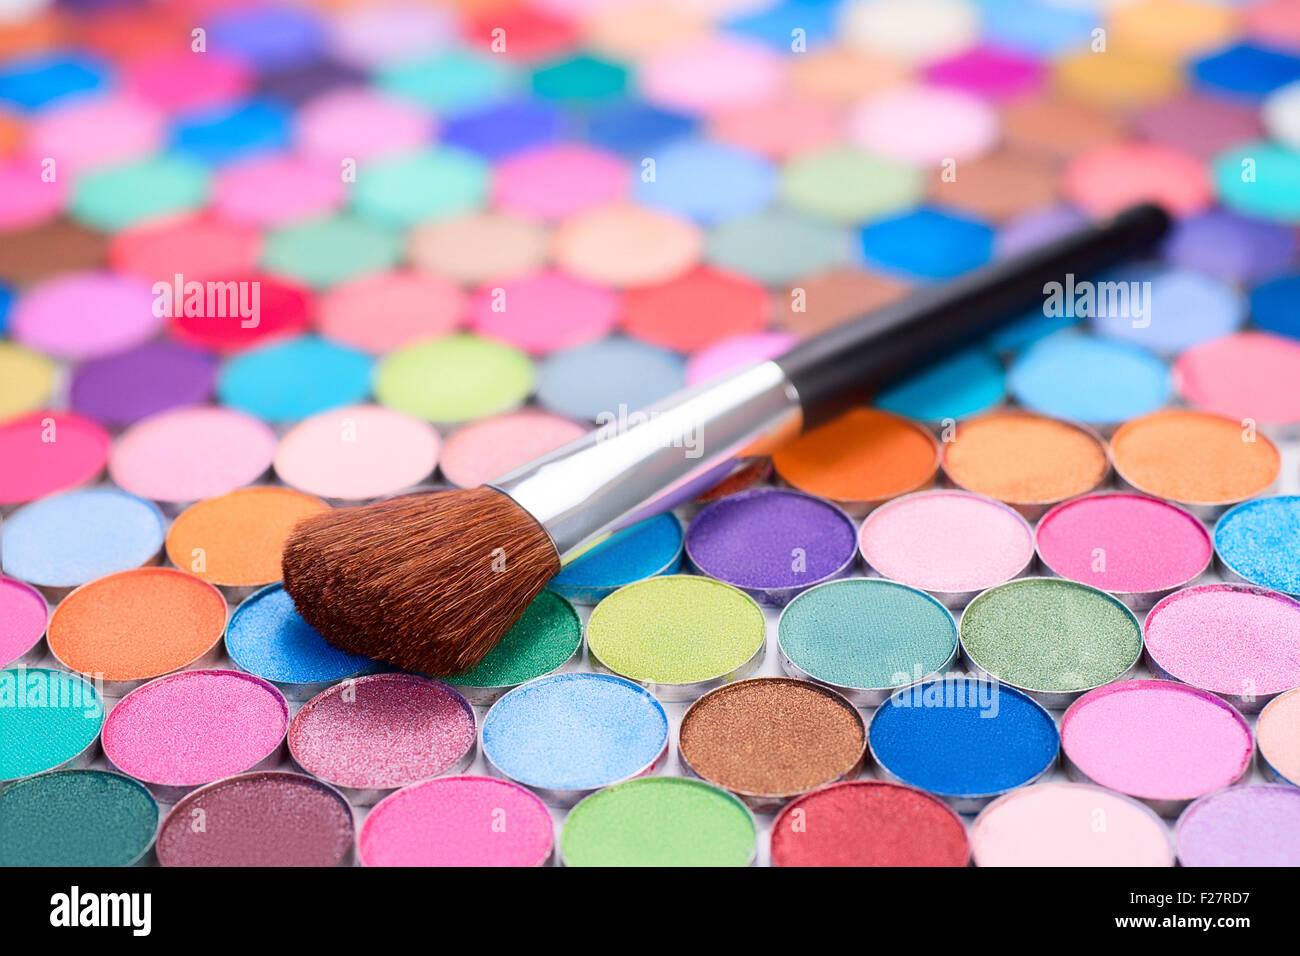 Arrière-plan avec make-up brush et beaucoup d'ombres à paupières multicolores Photo Stock